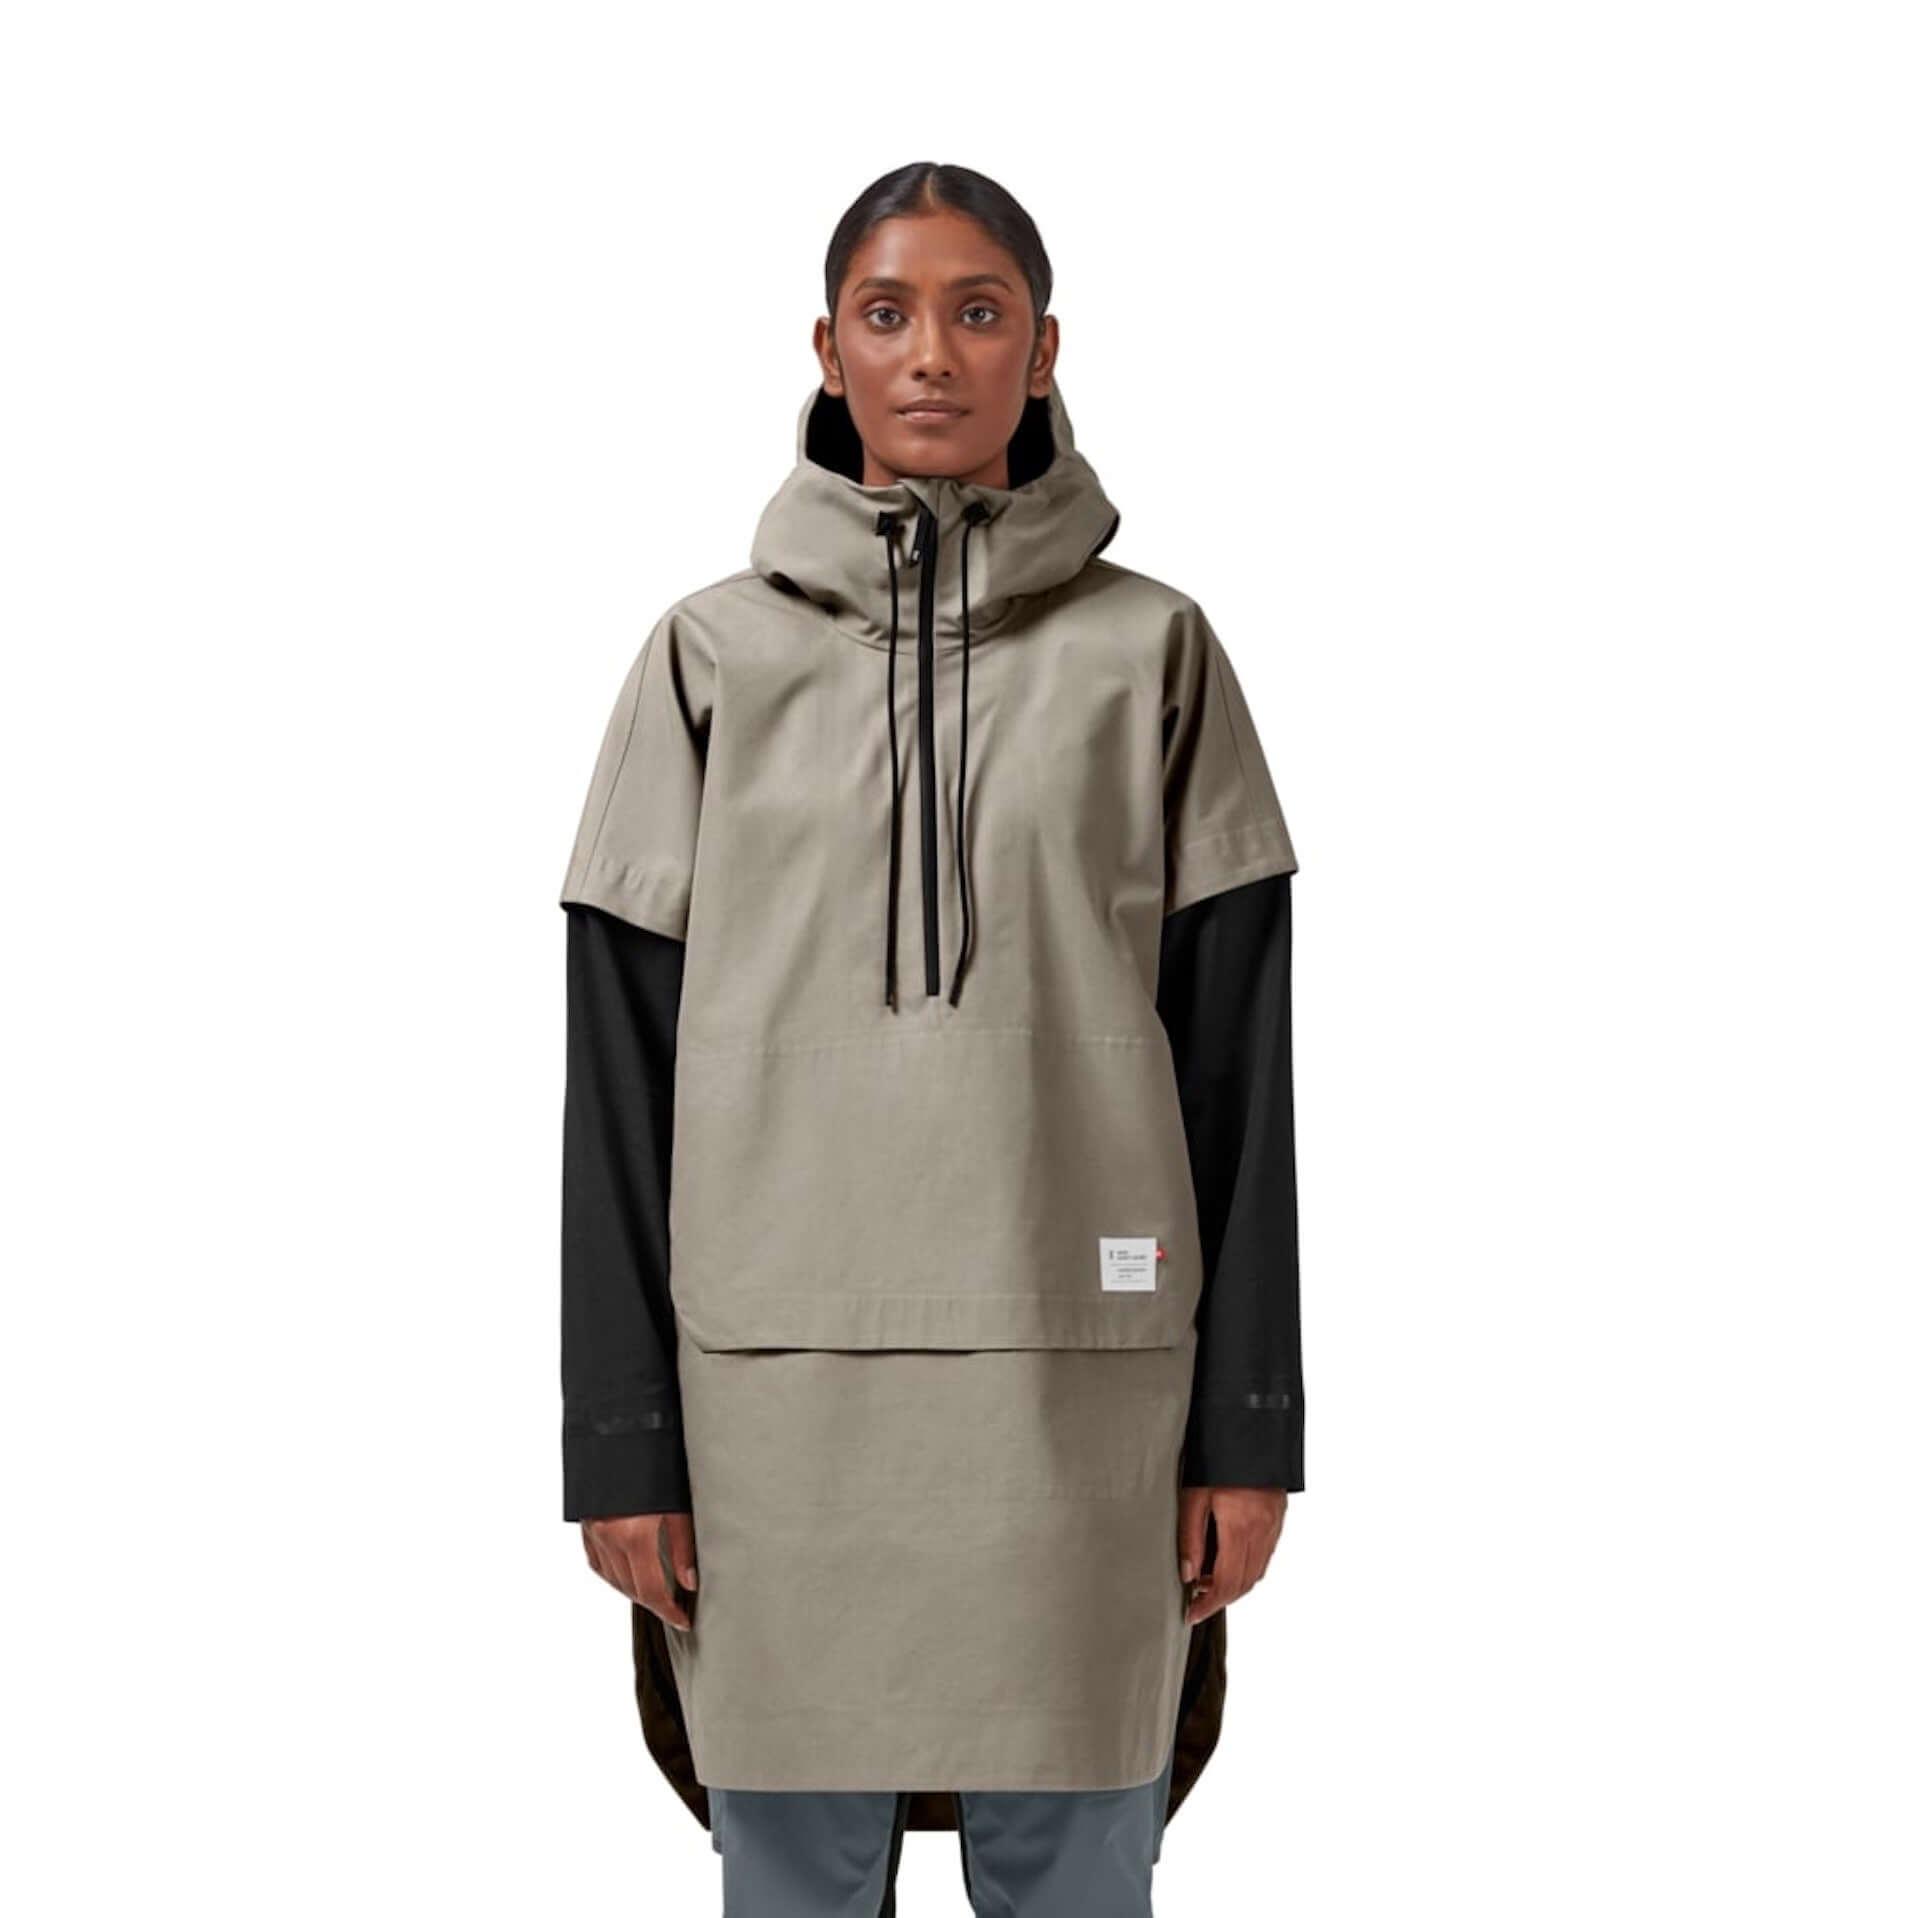 スイス発ブランド「On」が世界600着限定のハイエンドジャケットを発売!環境に配慮したオーガニックコットンを使用 lf201015_on-jacket_14-1920x1918